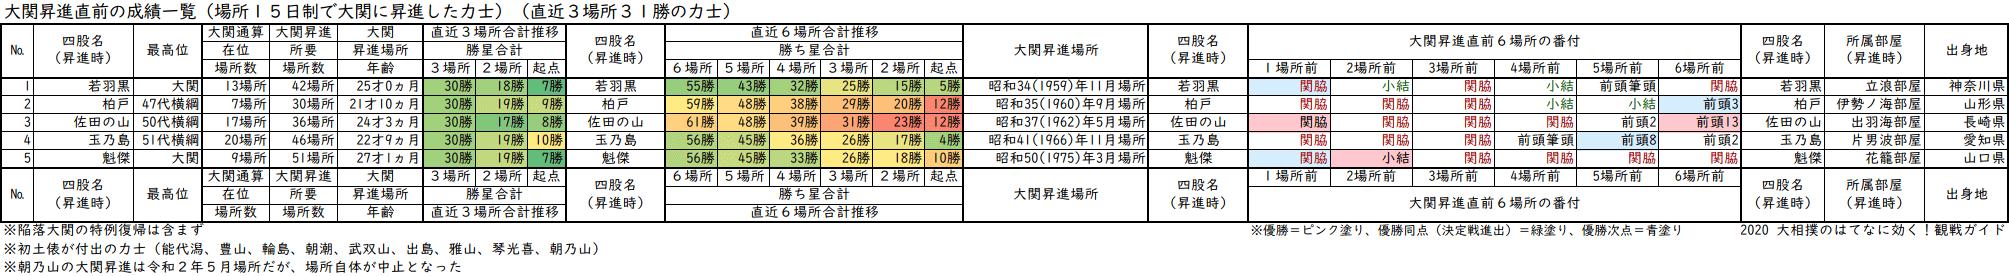 大関昇進前3場所の成績が30勝の力士一覧表・直近3場所及び直近6場所の合計勝ち星と番付